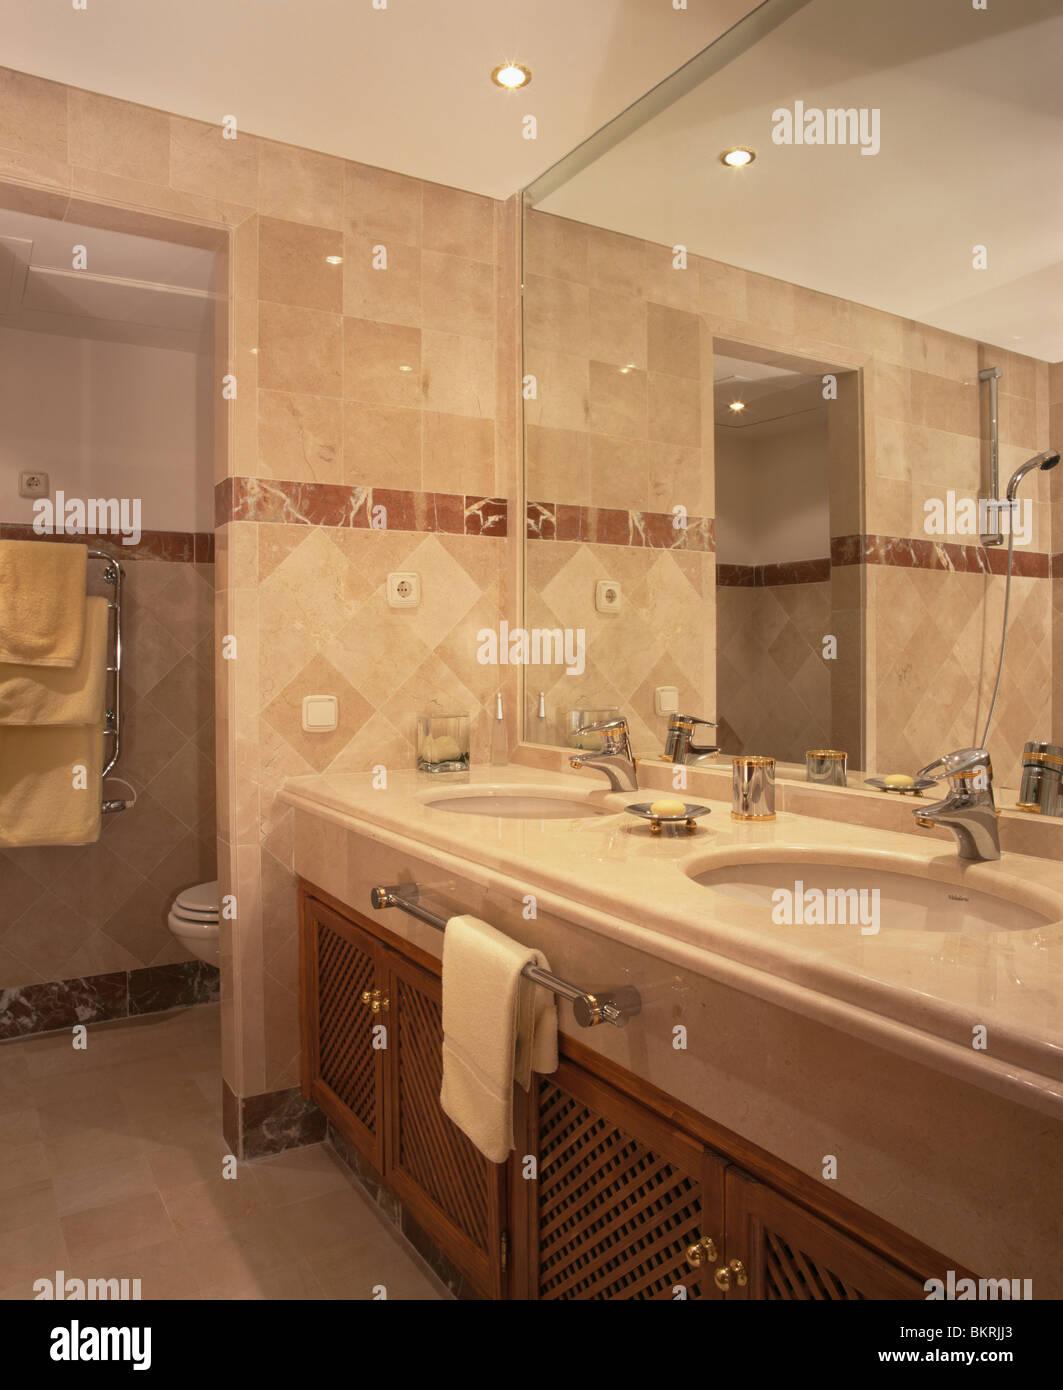 Moderne Beige Geflieste Badezimmer Badezimmer Mit Großem Montierten Spiegel  über Dem Waschtisch Mit Becken Unter Set